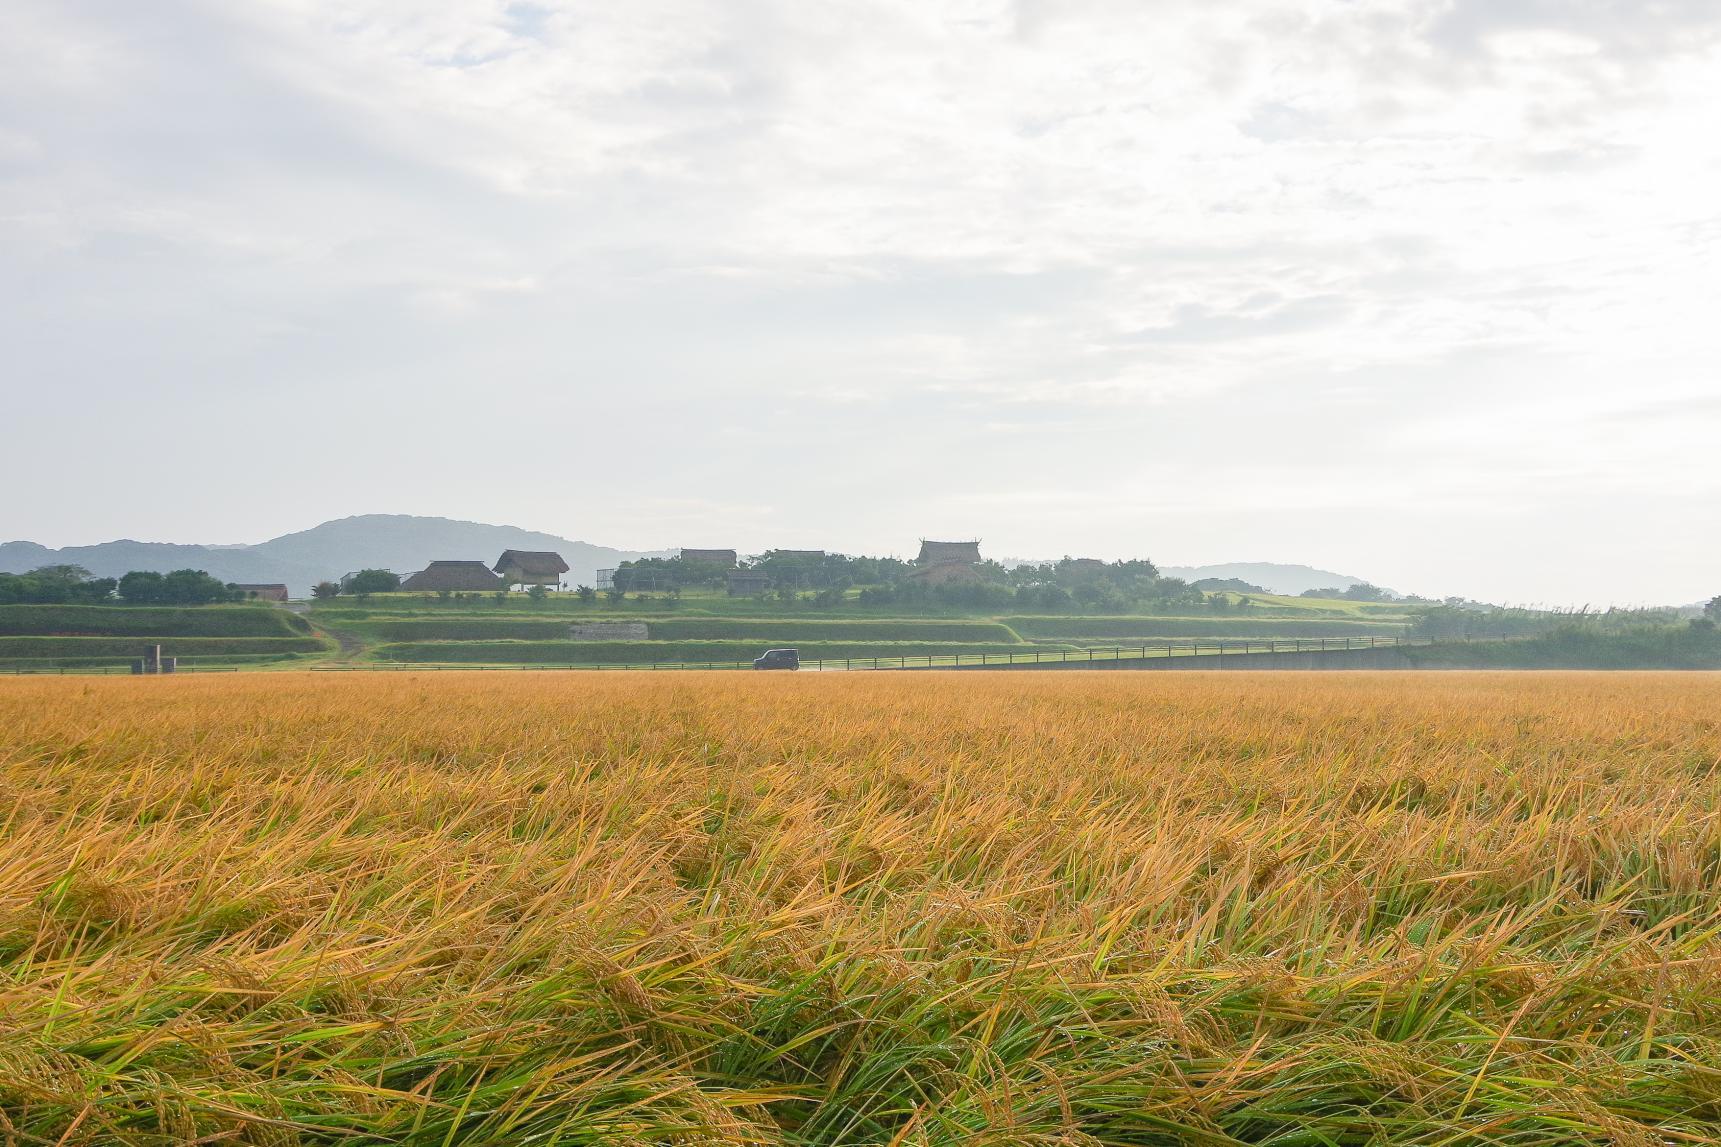 原の辻一支国王都復元公園の周囲に広がる豊かな田園風景